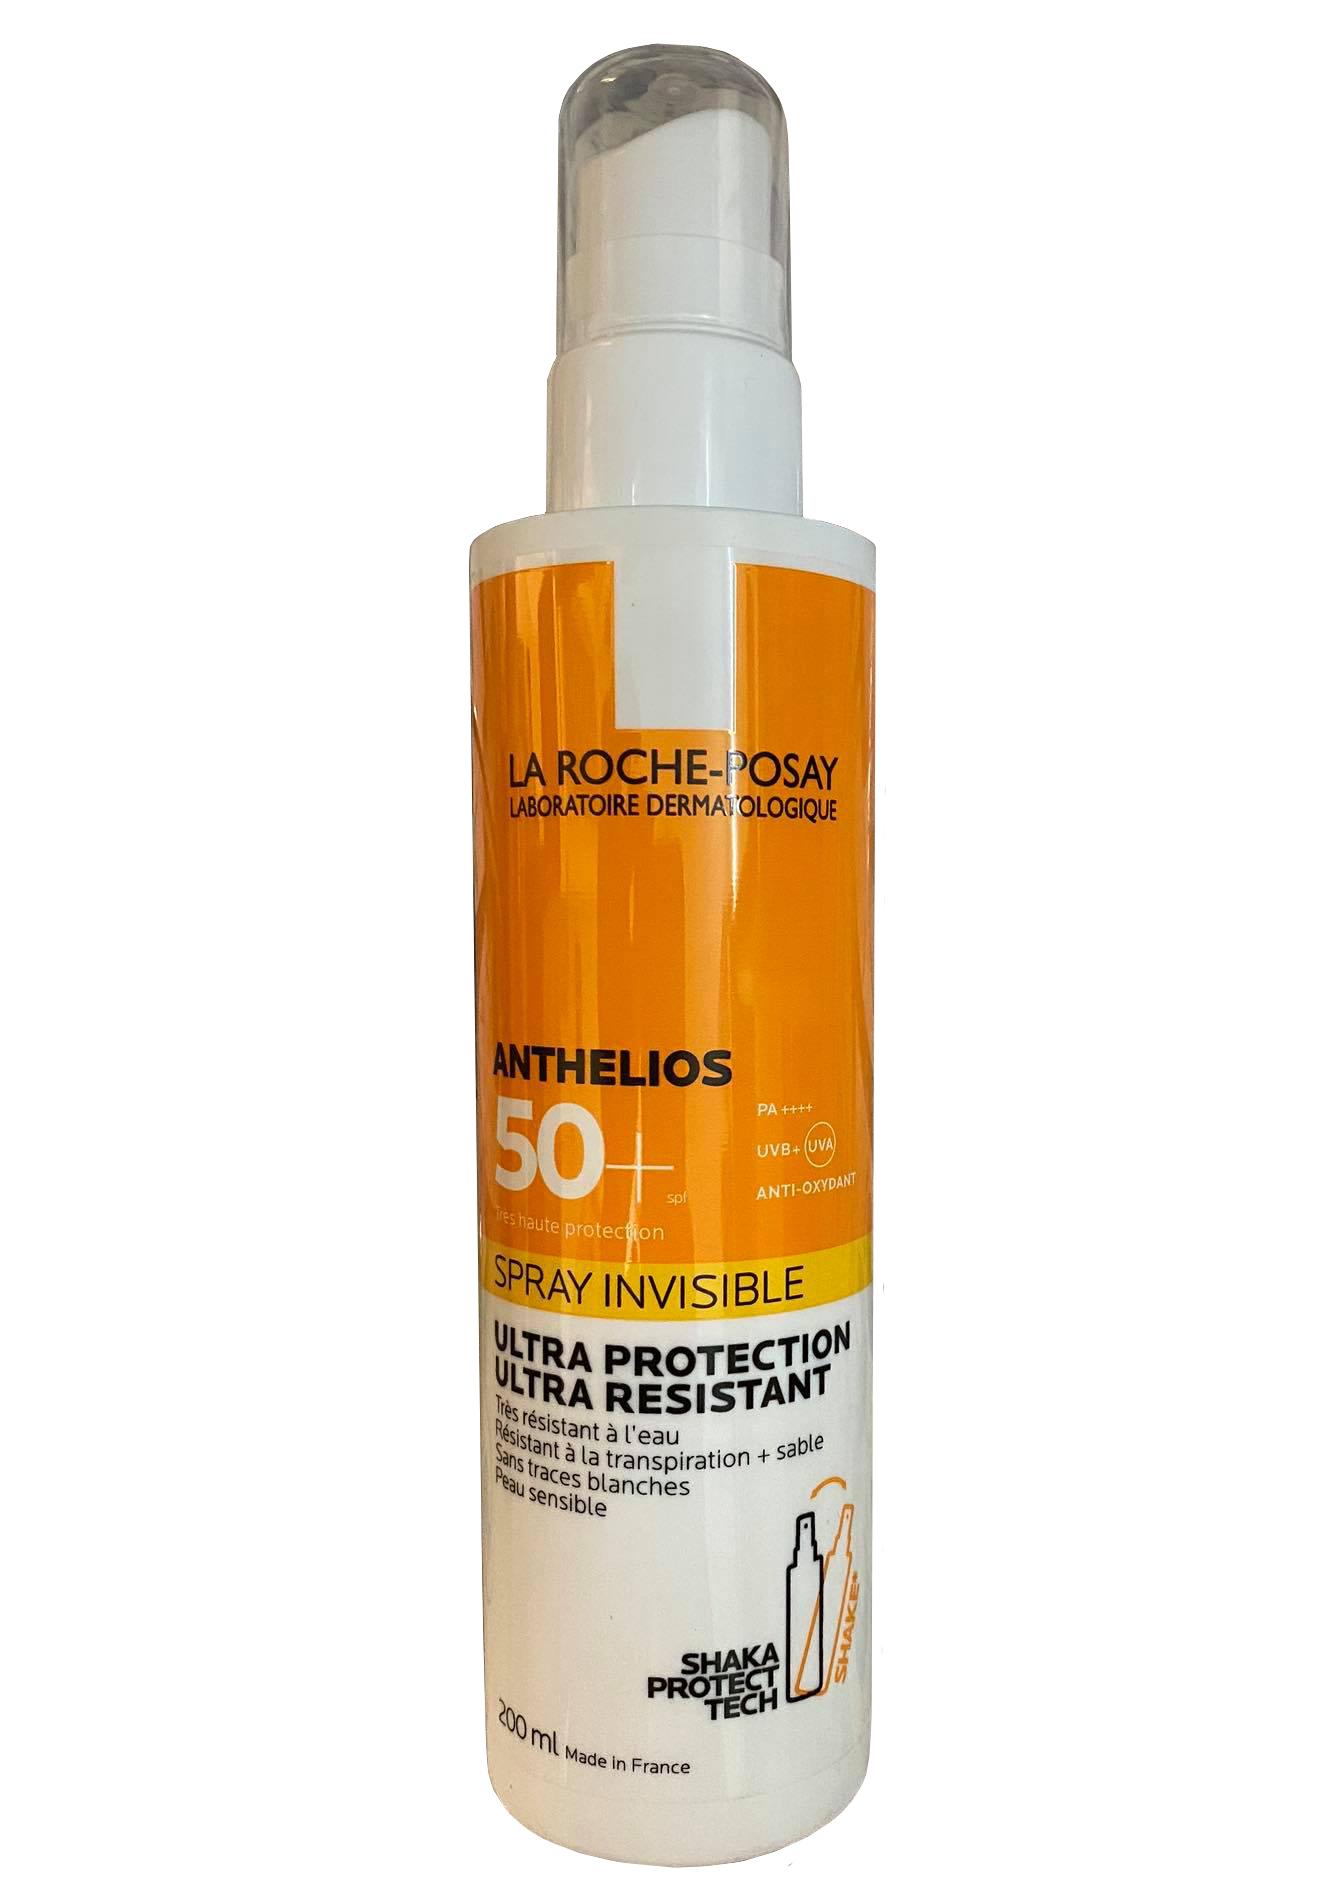 Kem chống nắng La Roche Posay Anthelios XL SPF 50+ dạng xịt có tác dụng chống nắng và dưỡng ẩm cho da hiệu quả